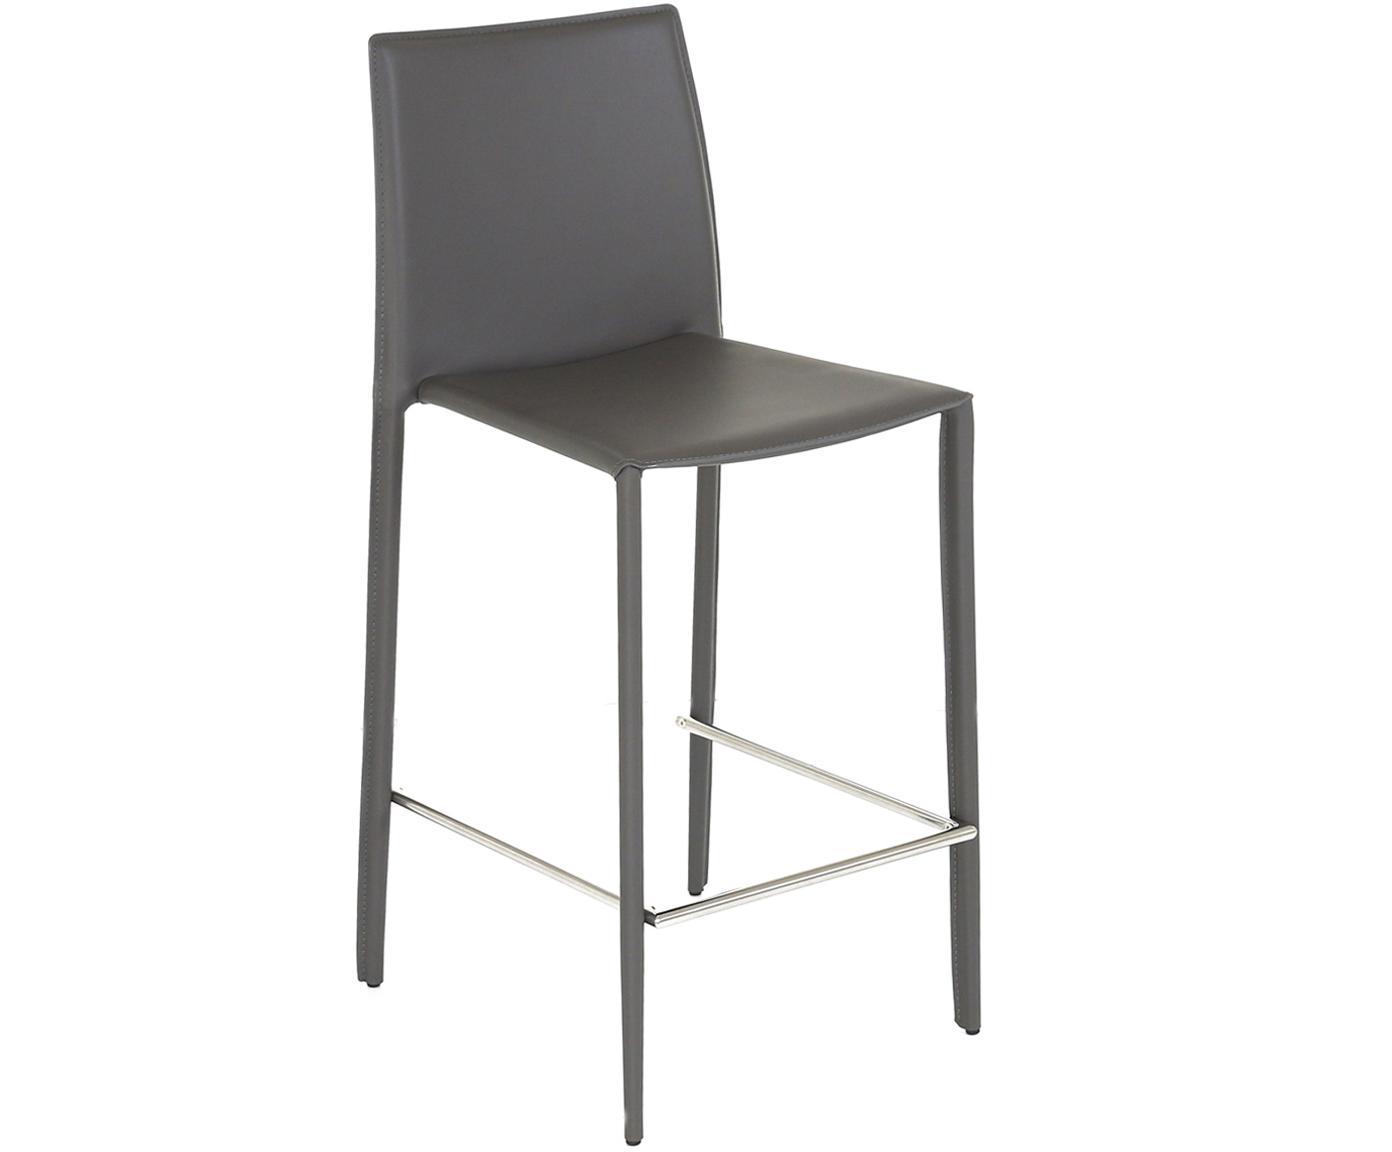 Krzesło barowe ze skóry Boréalys, 2szt., Stelaż: metal malowany proszkowo, Szary, S 44 x W 98 cm